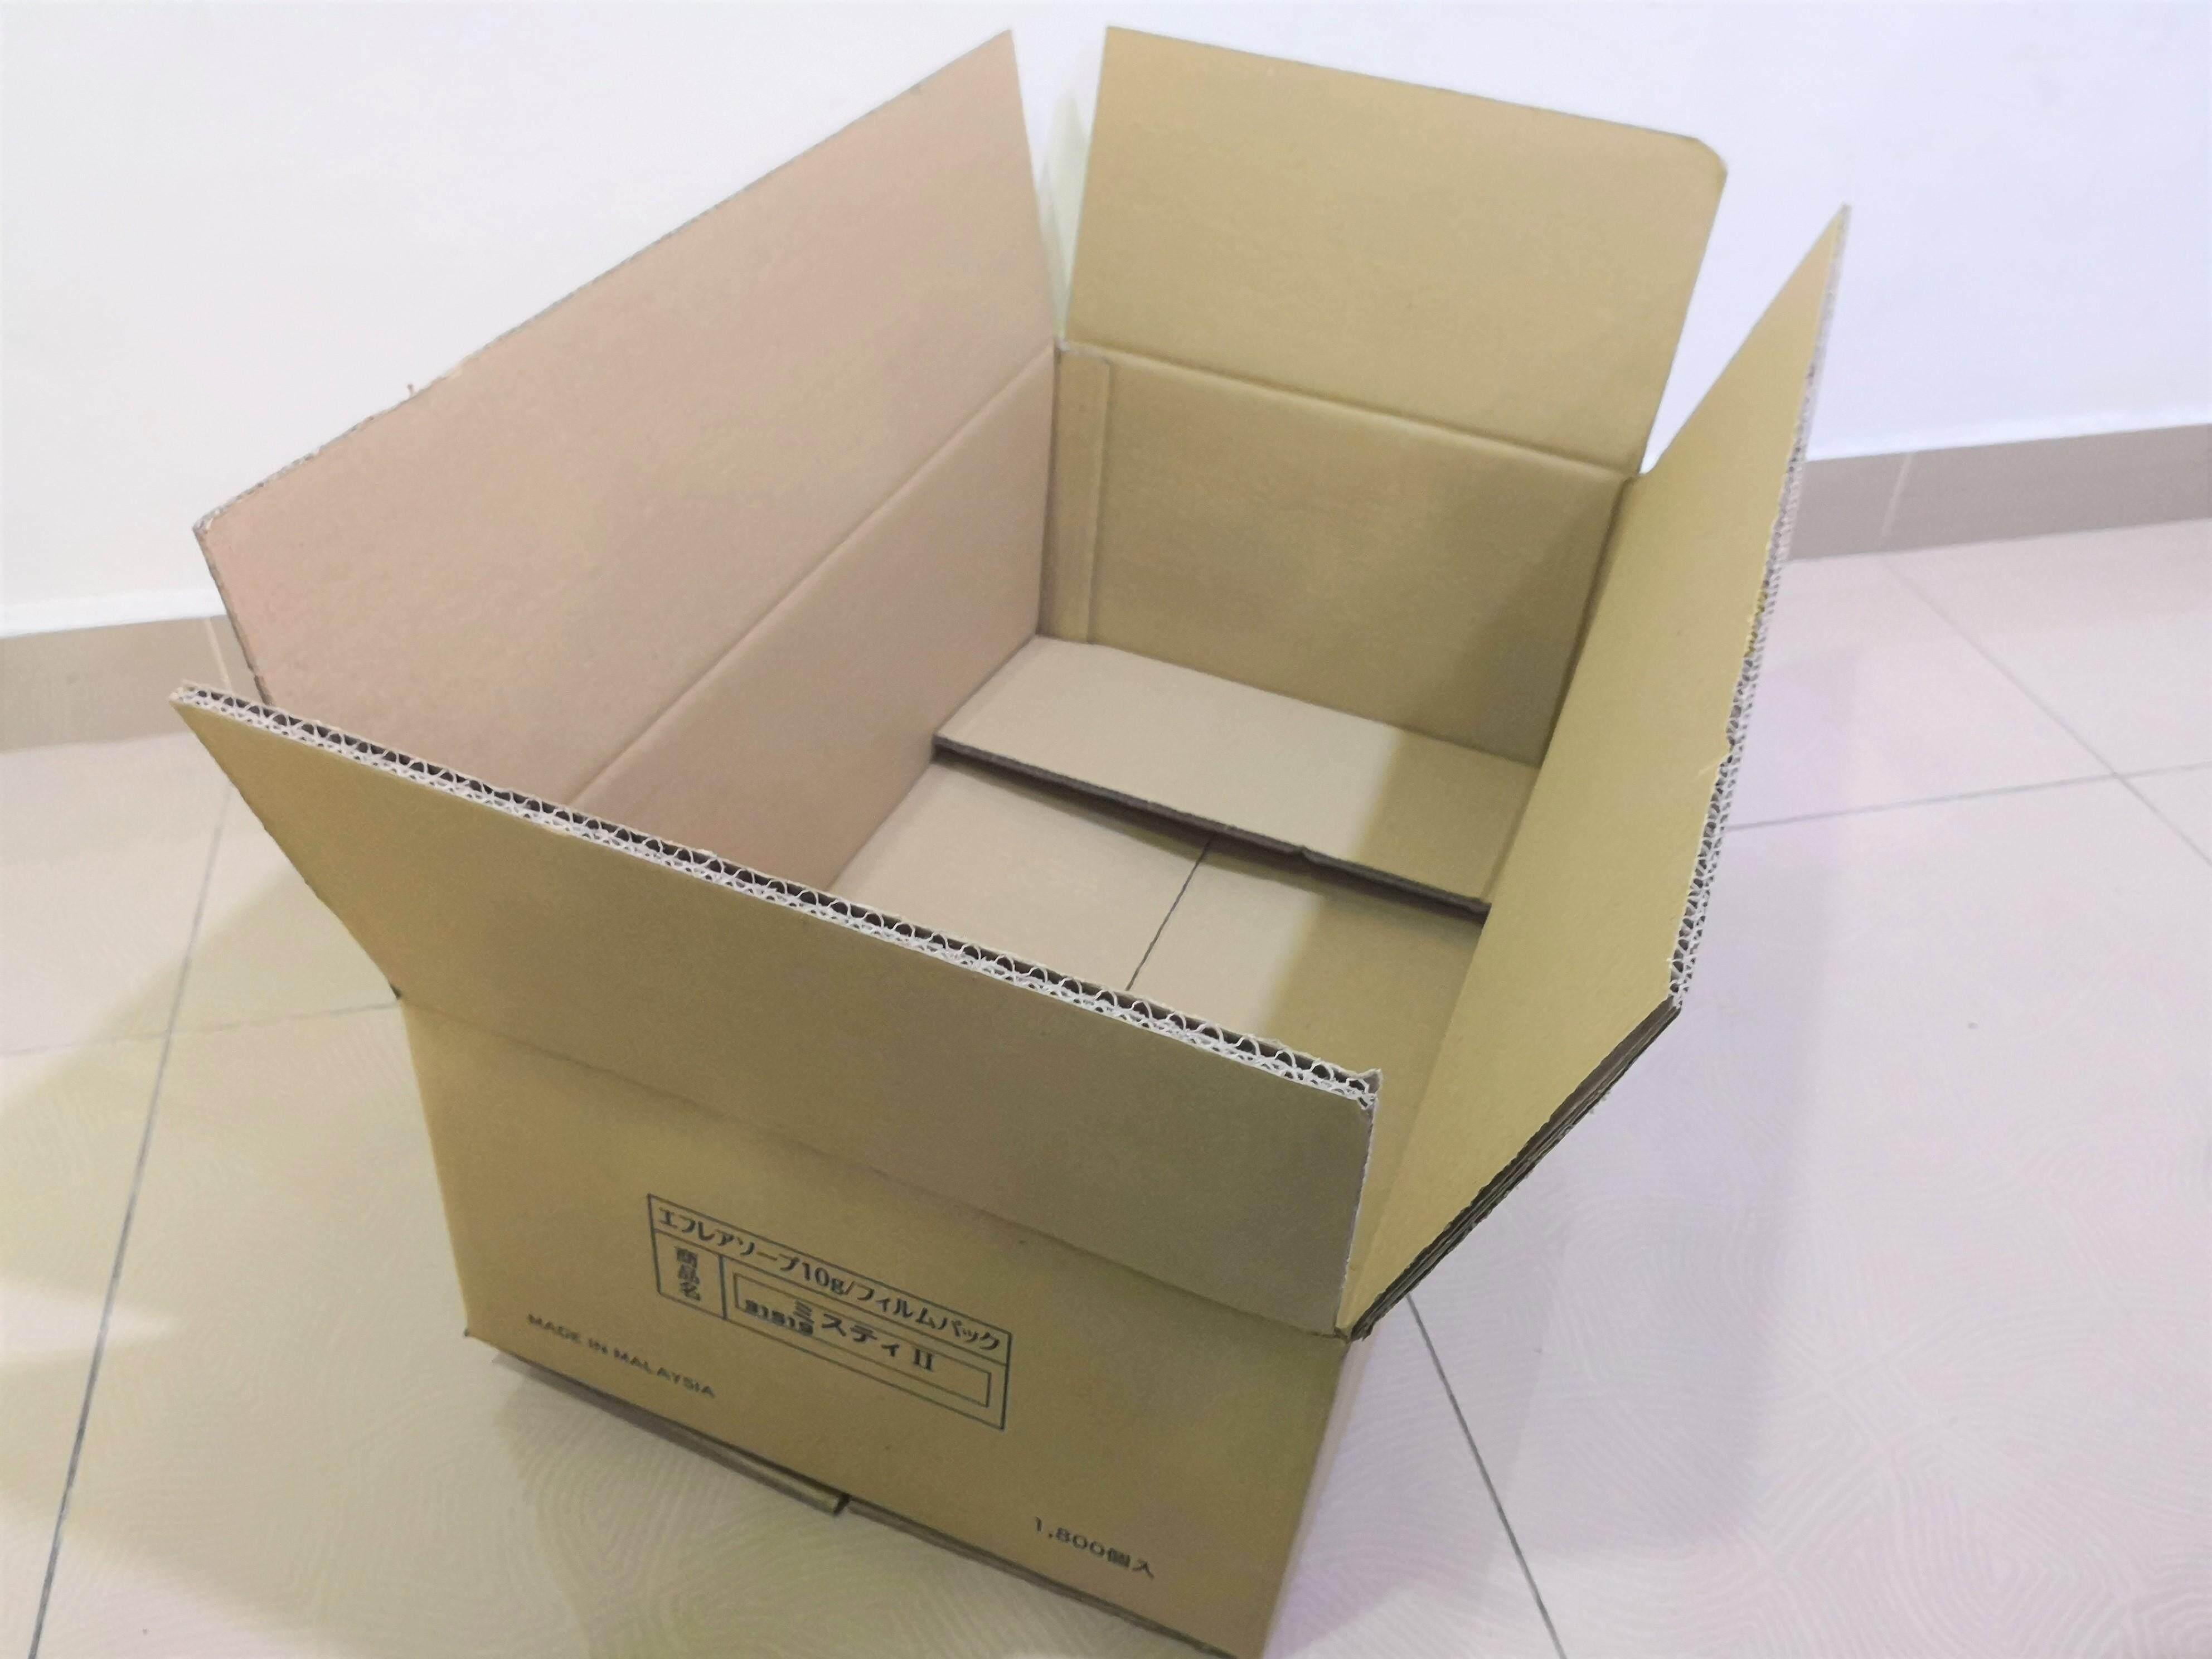 6pcs Printed Carton Boxes (L637 X W360 X H216mm)